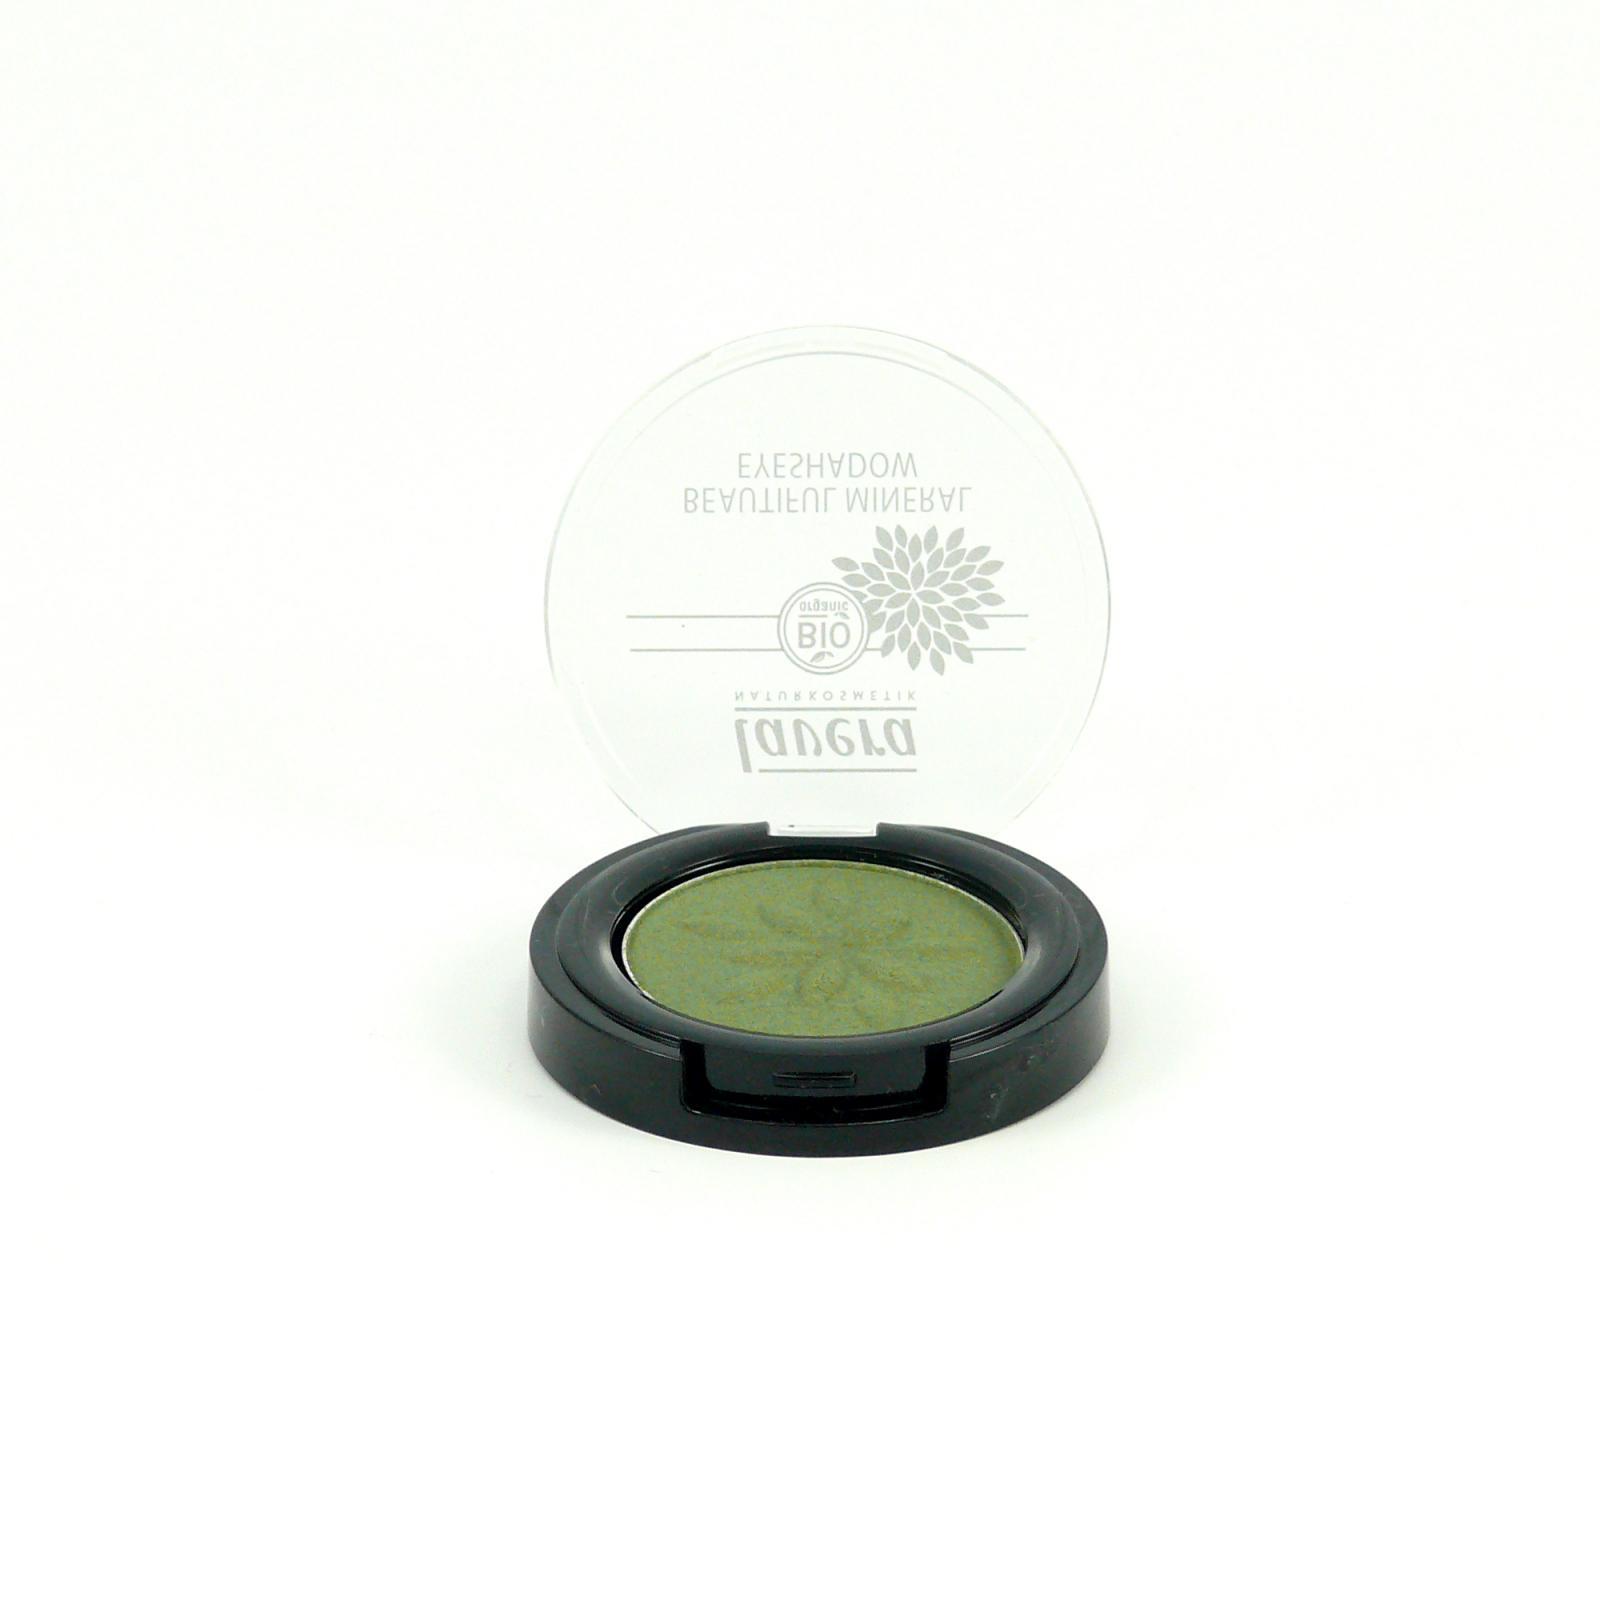 Lavera Oční stíny MONO 12 mystická zelená, Trend Sensitive 2014 2 g